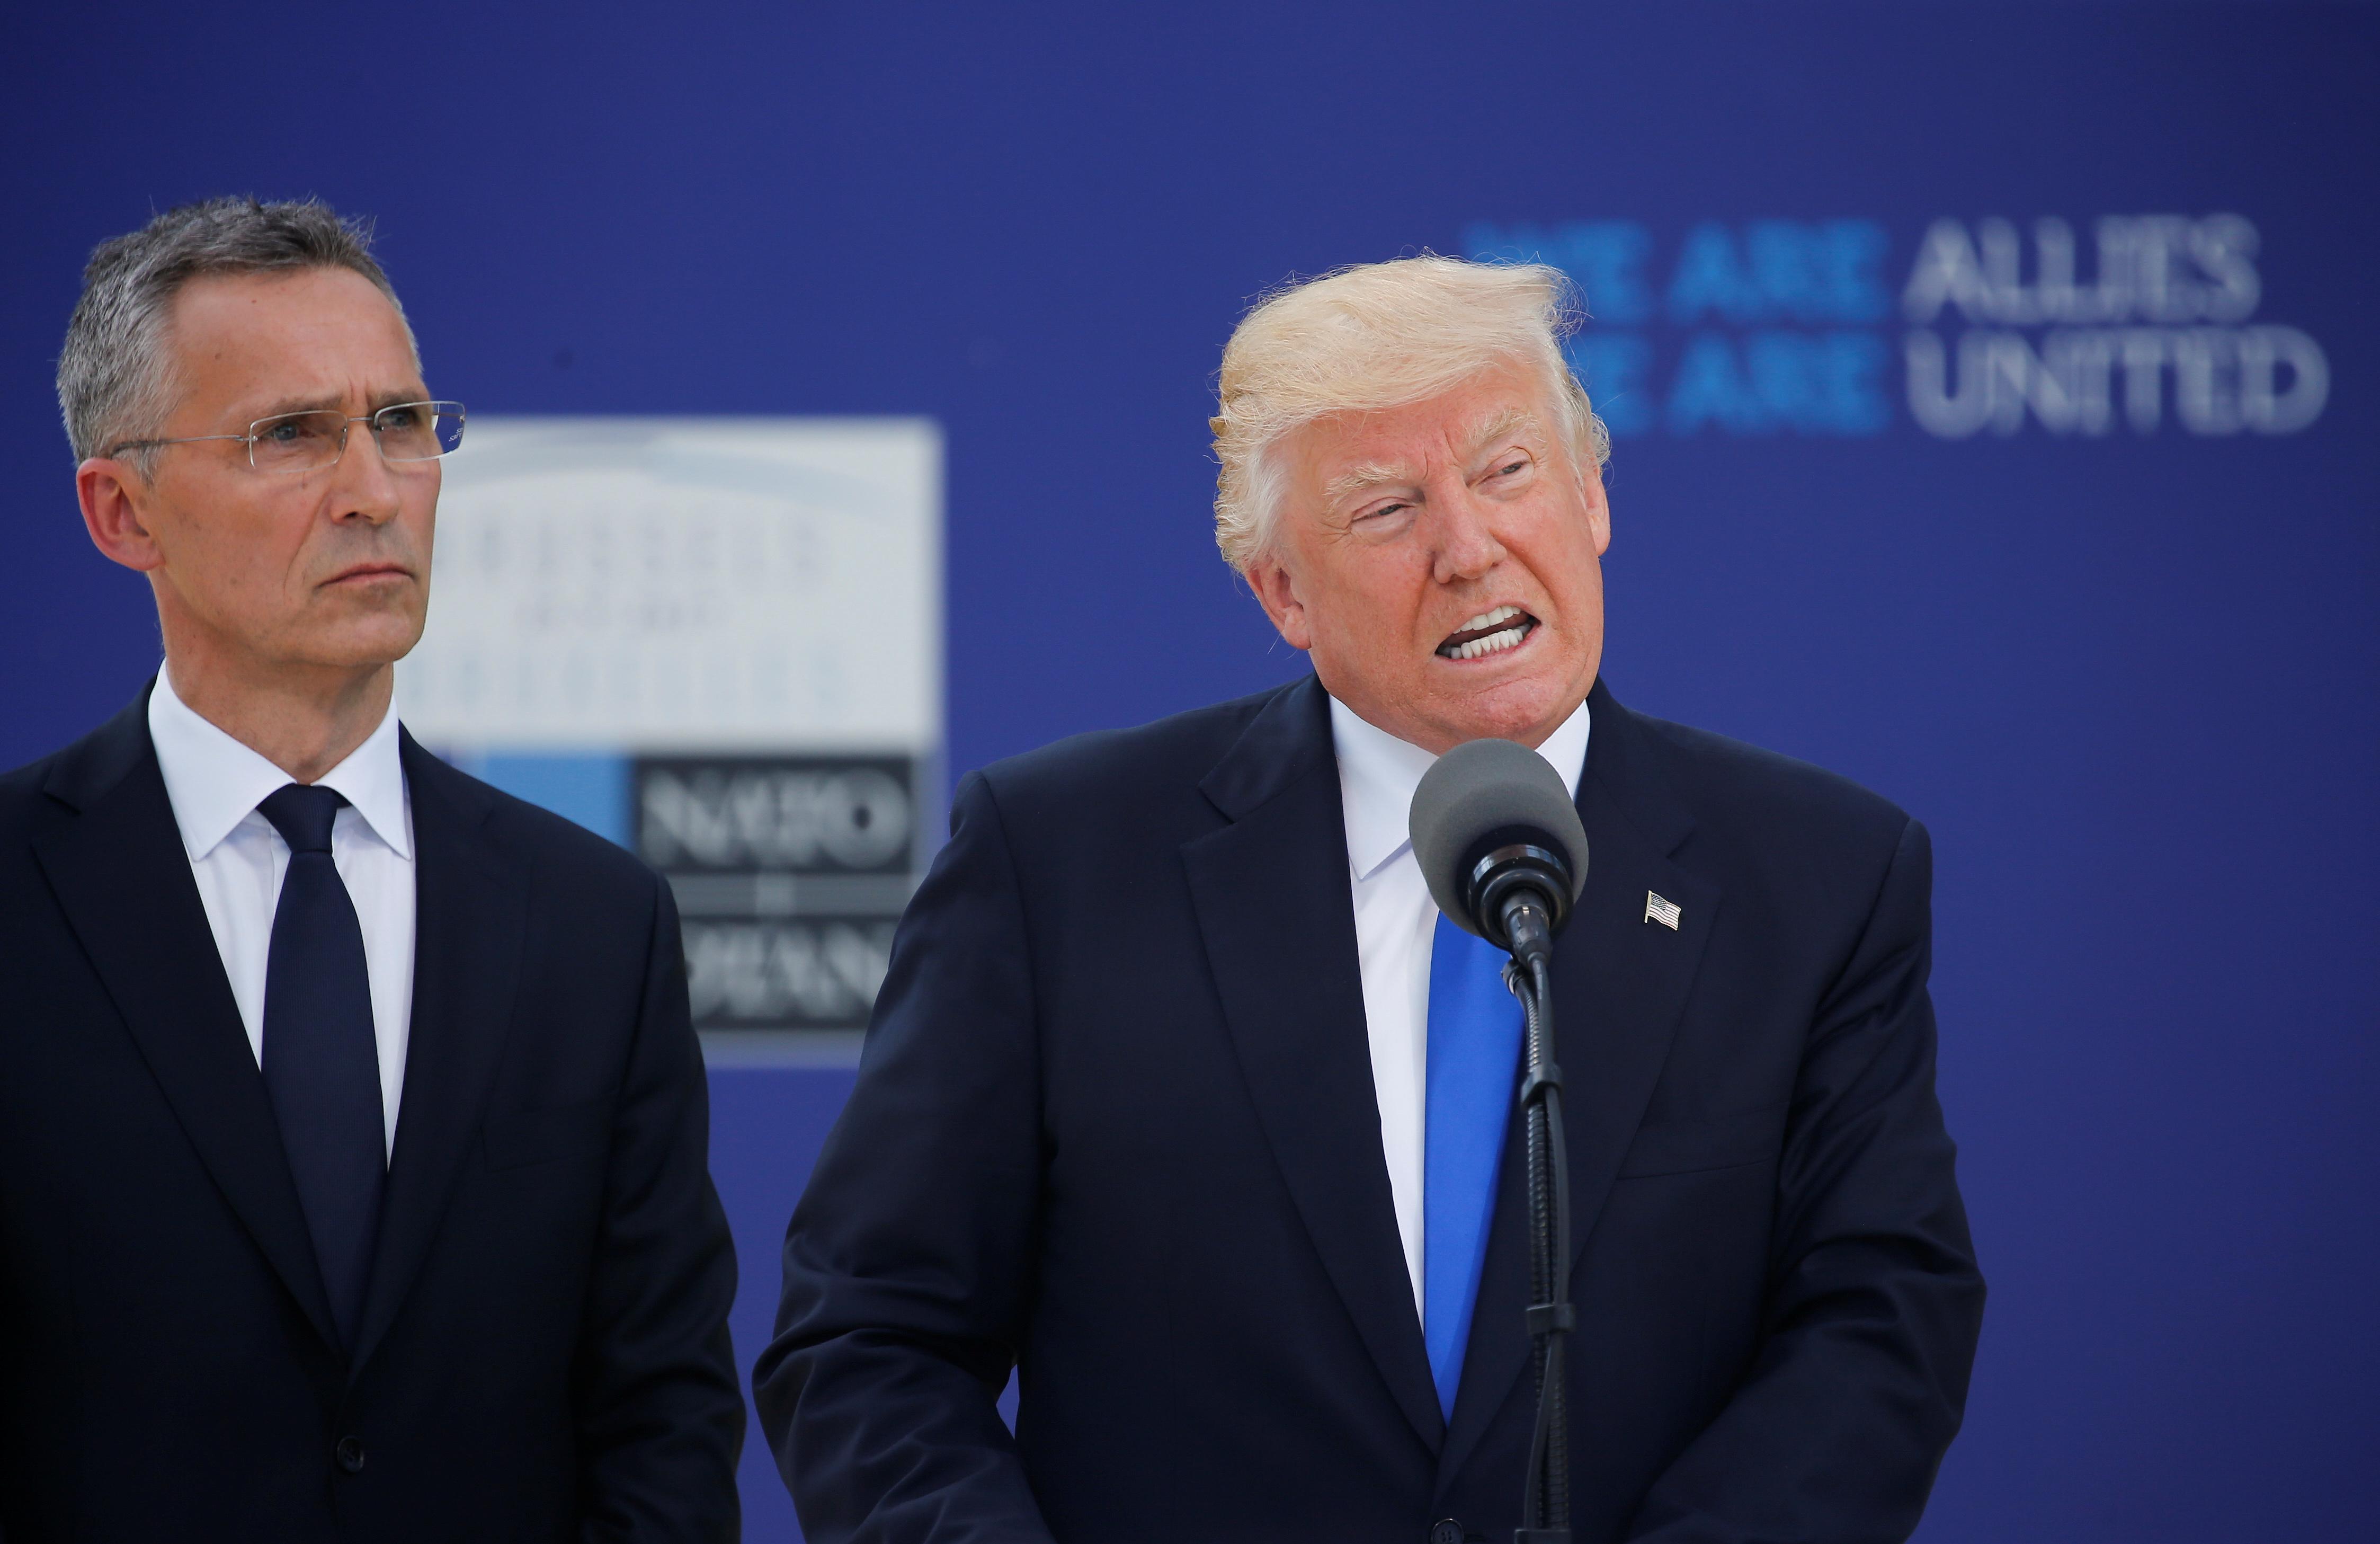 Trump'tan NATO üyesi ülkelere: Aidat ödemeyenleri Rusya'ya karşı korumayacağız